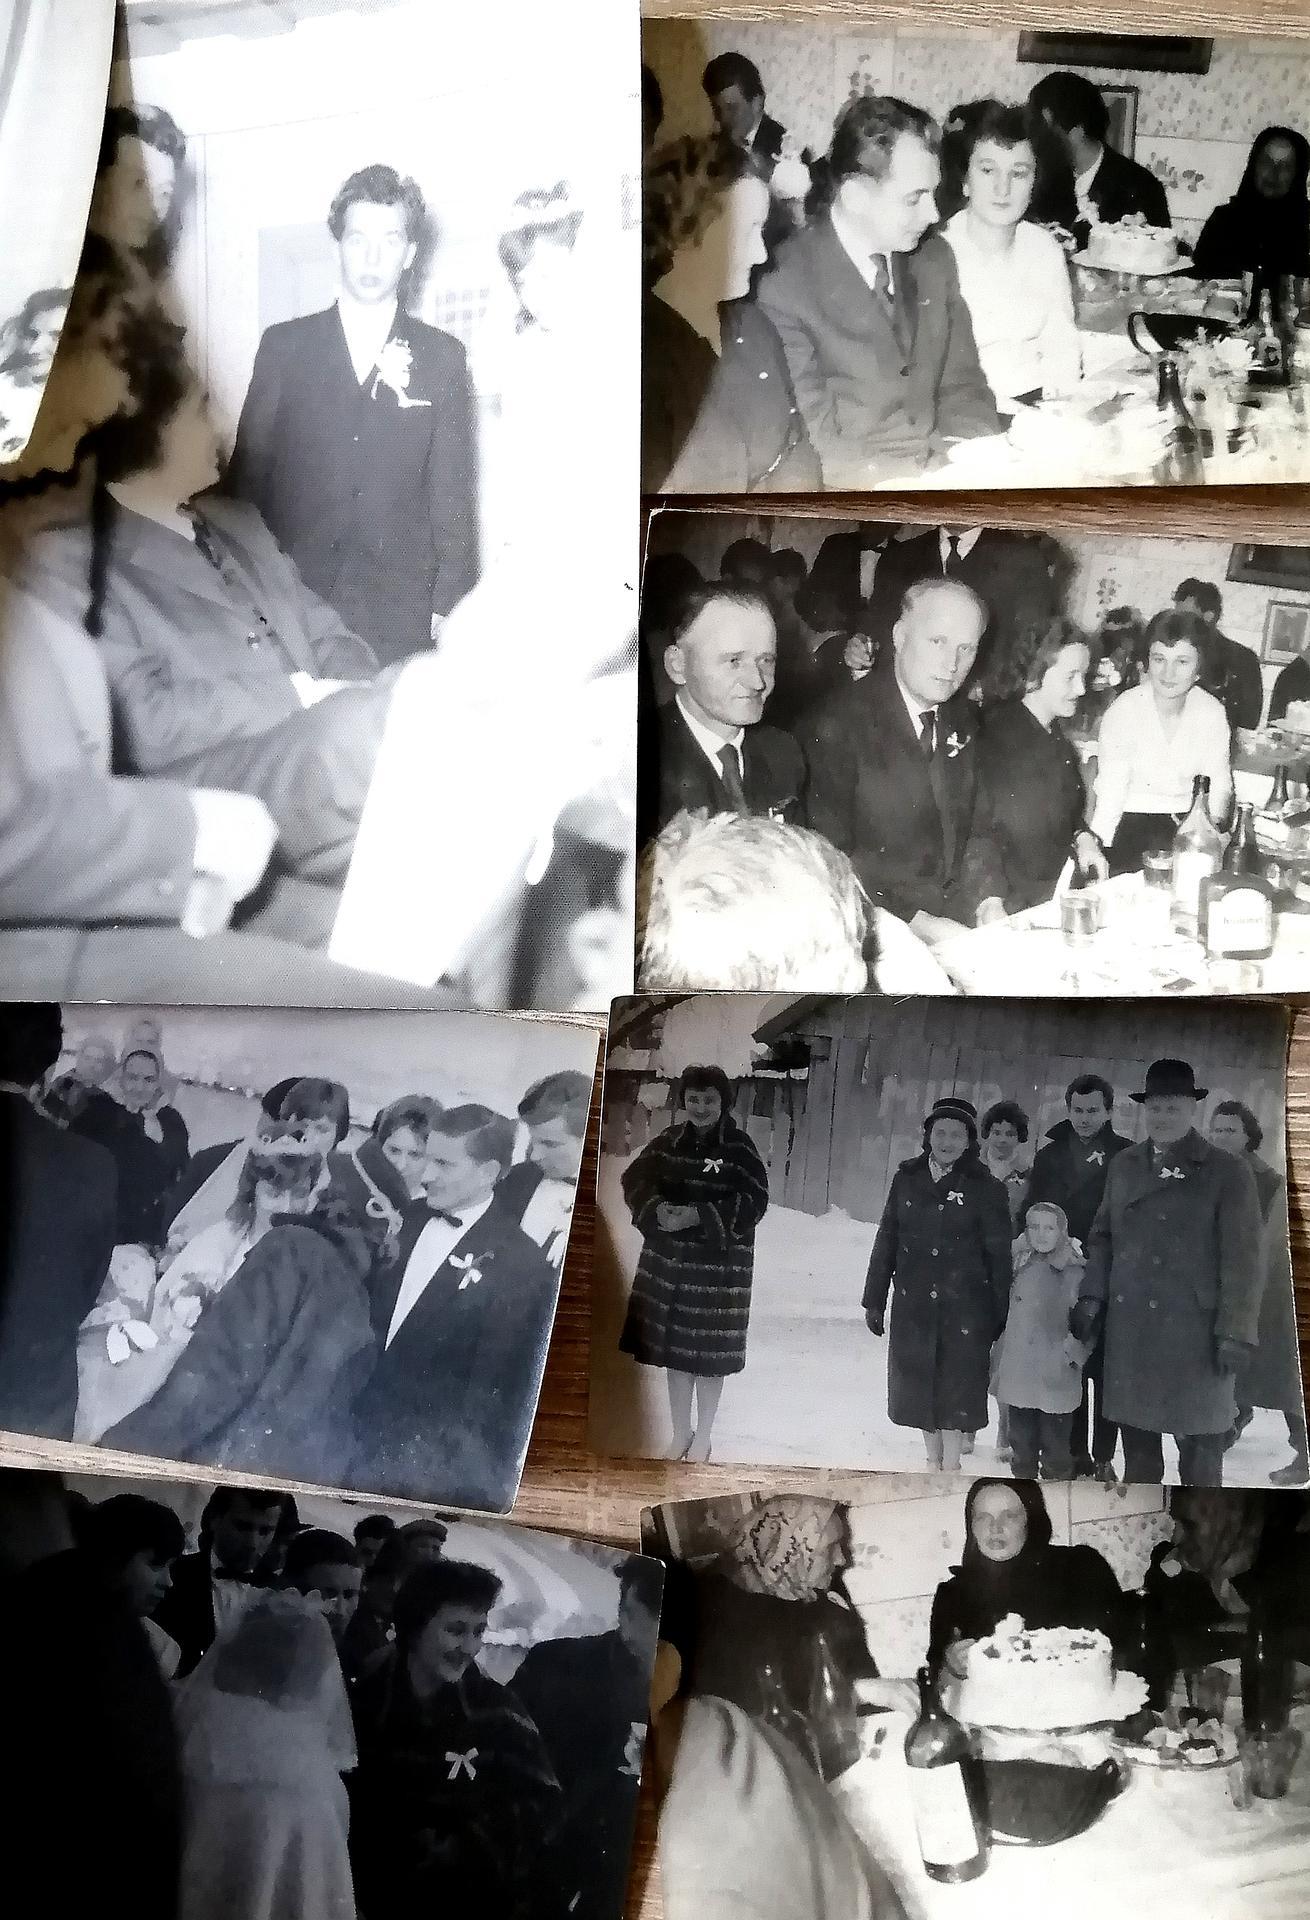 Milujem staré rodinné fotky zo svadieb ❤️❤️❤️ - Obrázok č. 1